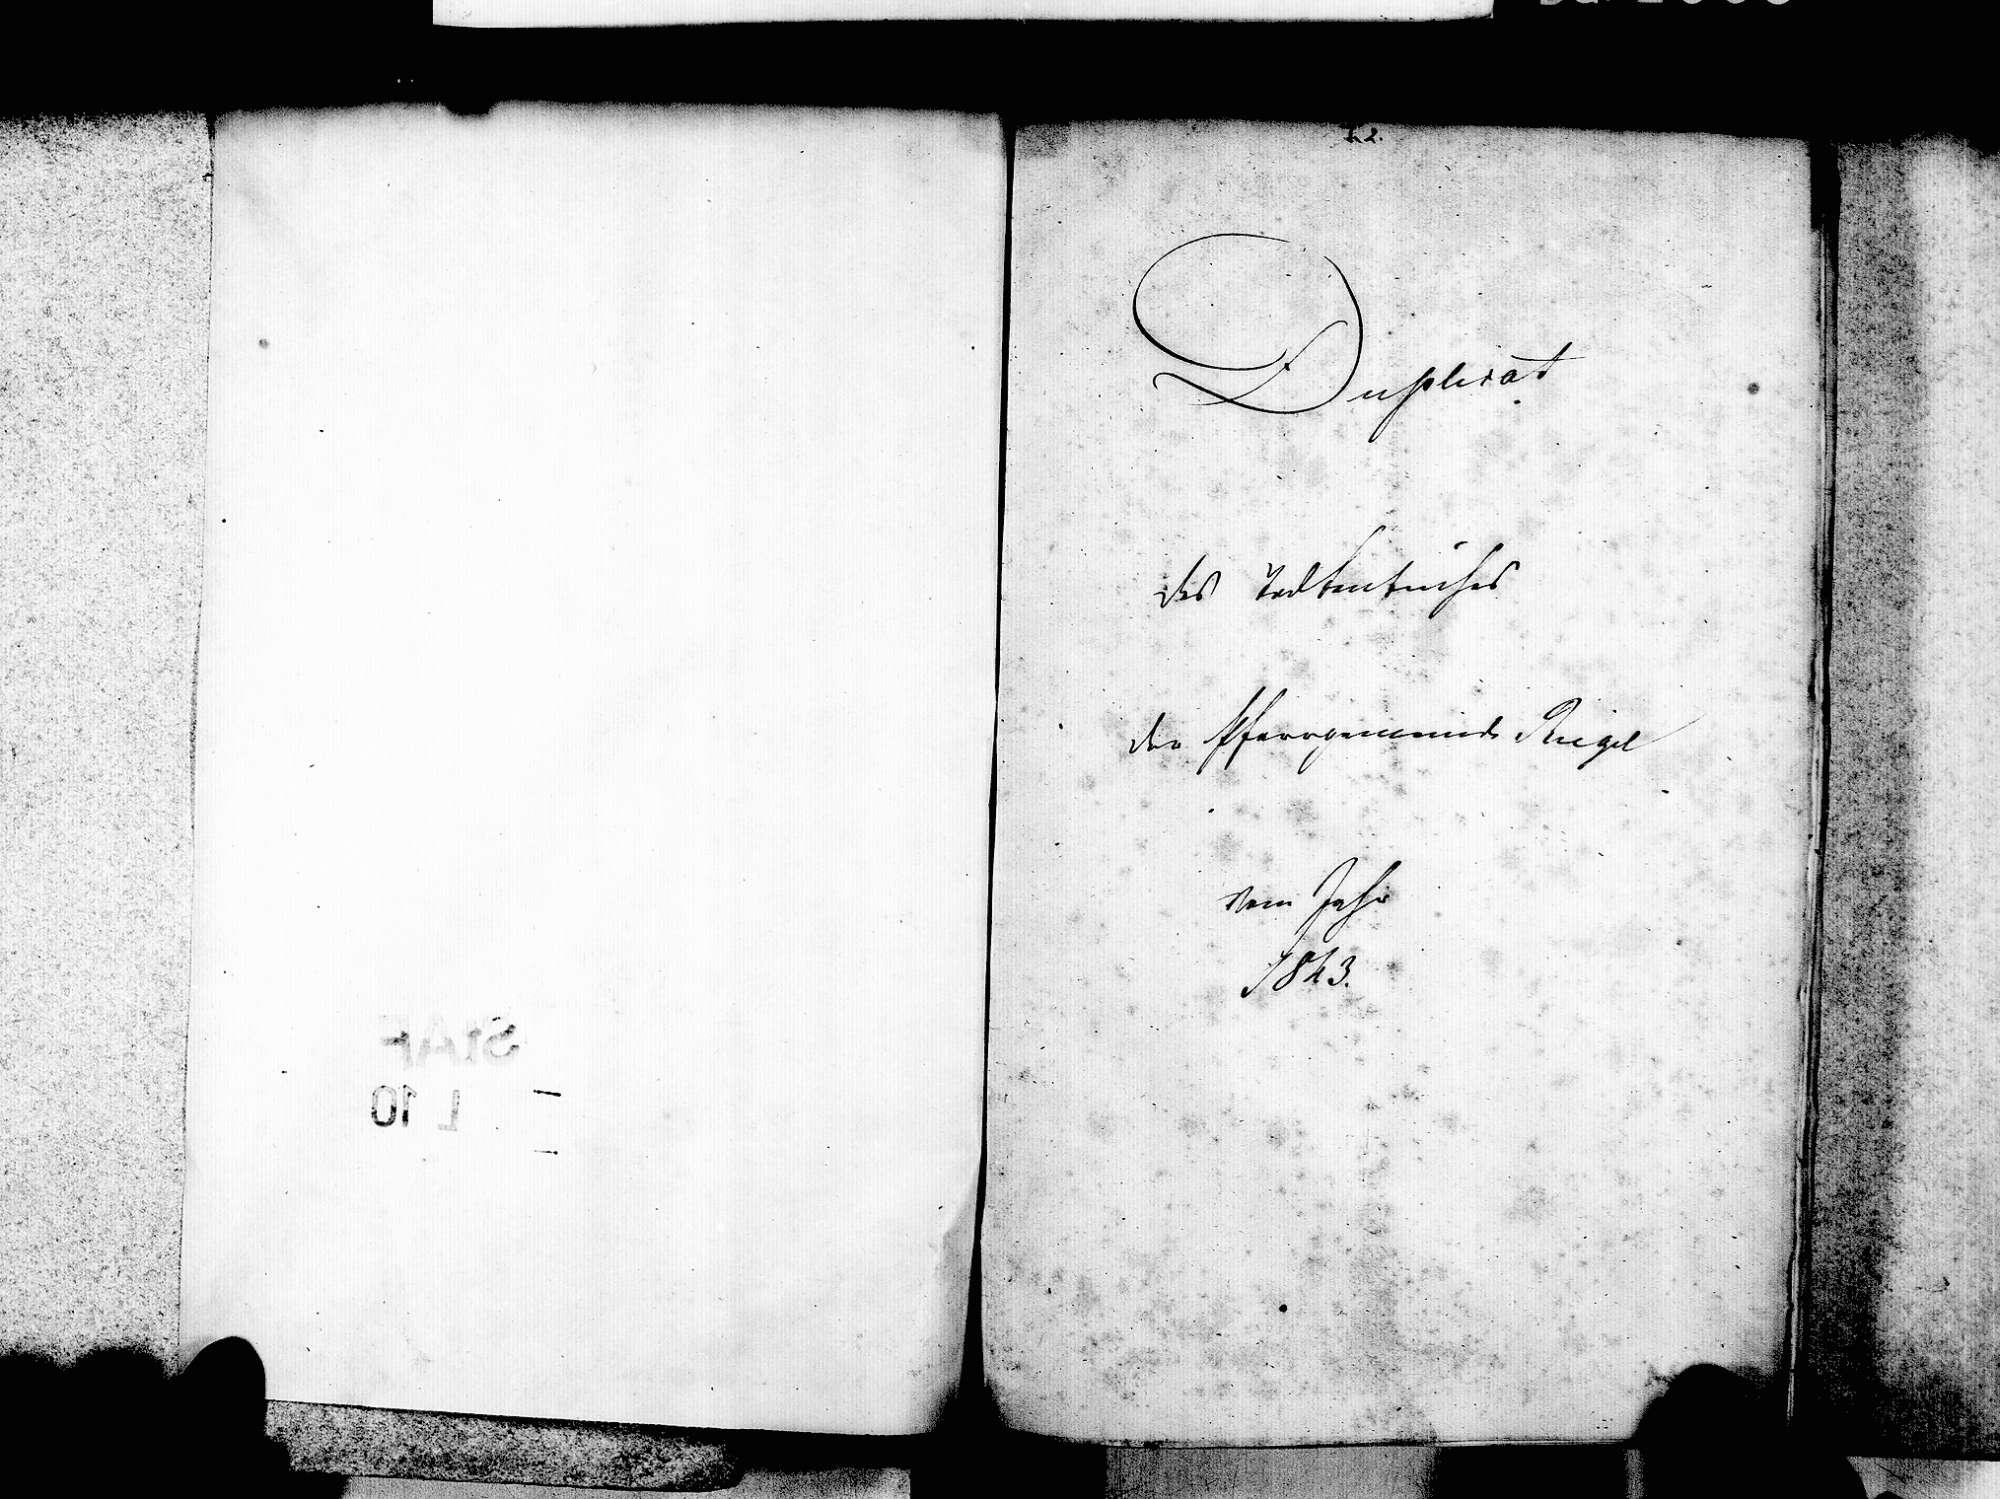 Riegel EM; Evangelische Gemeinde: Sterbebuch 1843-1869 Riegel EM; Katholische Gemeinde: Sterbebuch 1843-1869, Bild 3